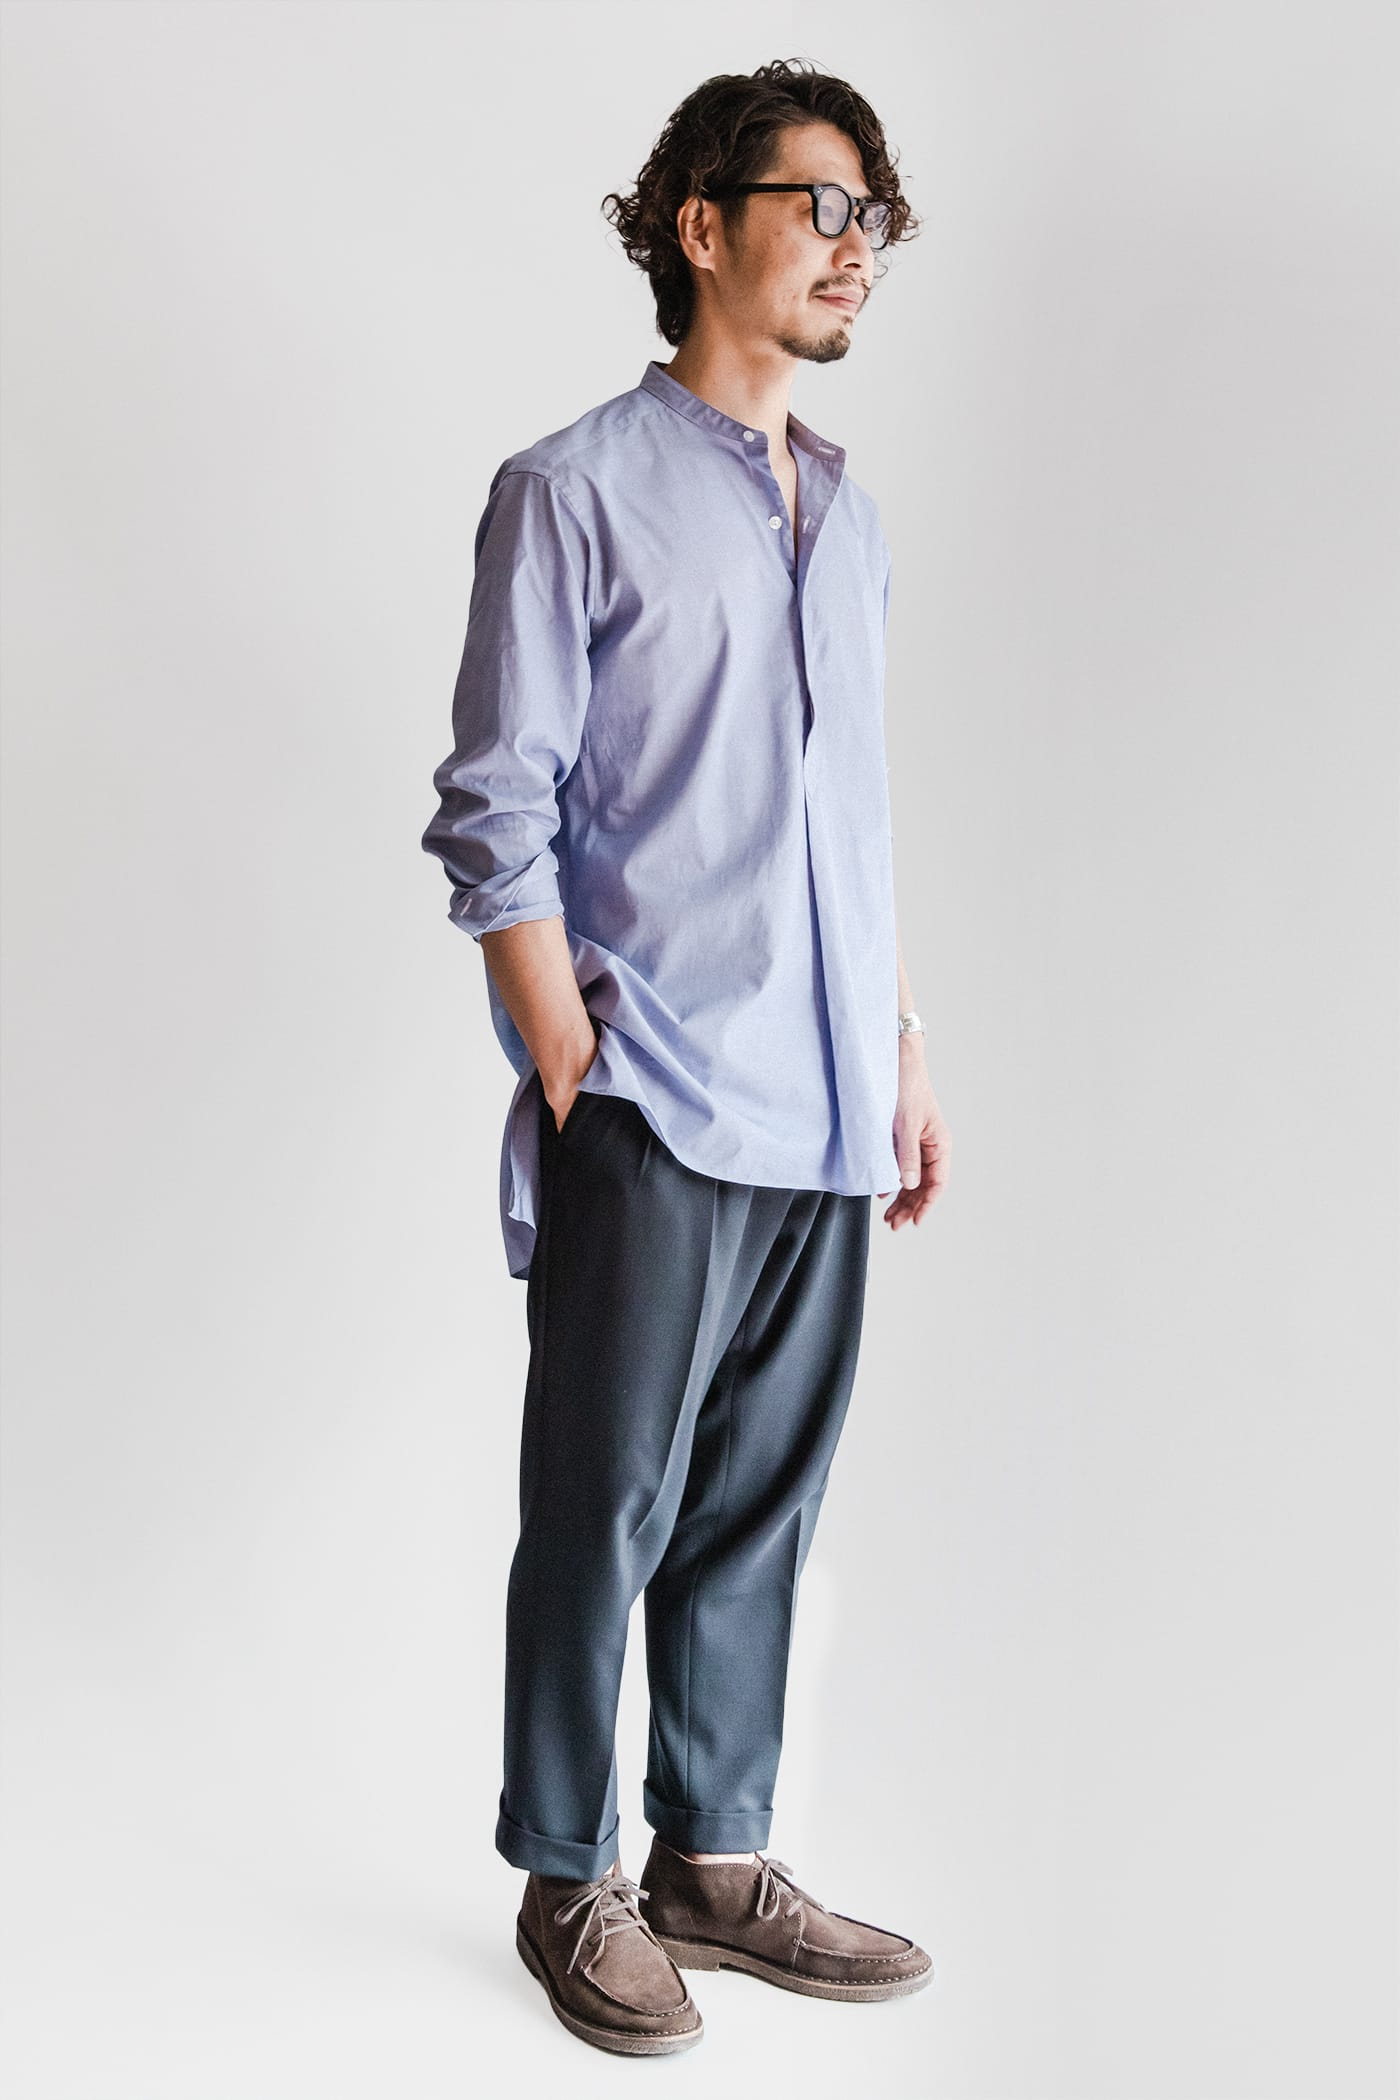 オフィサーシャツ「プリマス」 スタイリスト四方氏 コーディネート ネイビーウールのドレスパンツと合わせれば、上品さを保ちつつリラックスした装いが完成